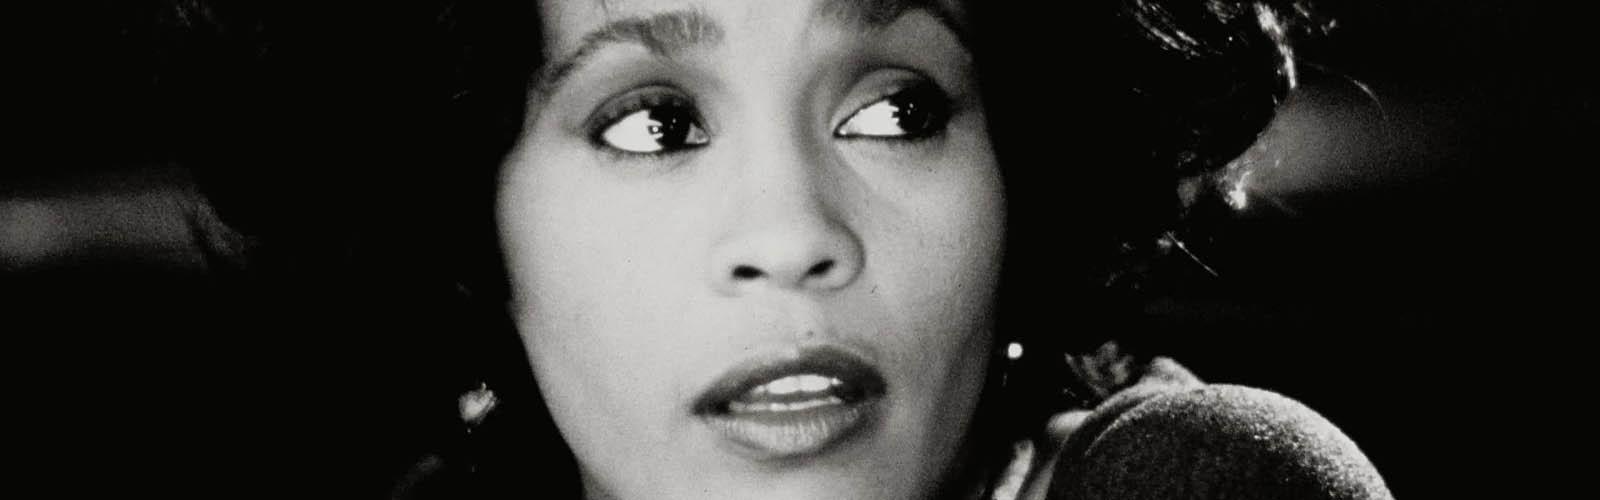 Beautiful-Whitney-Houston-HD-Wallpaper-1